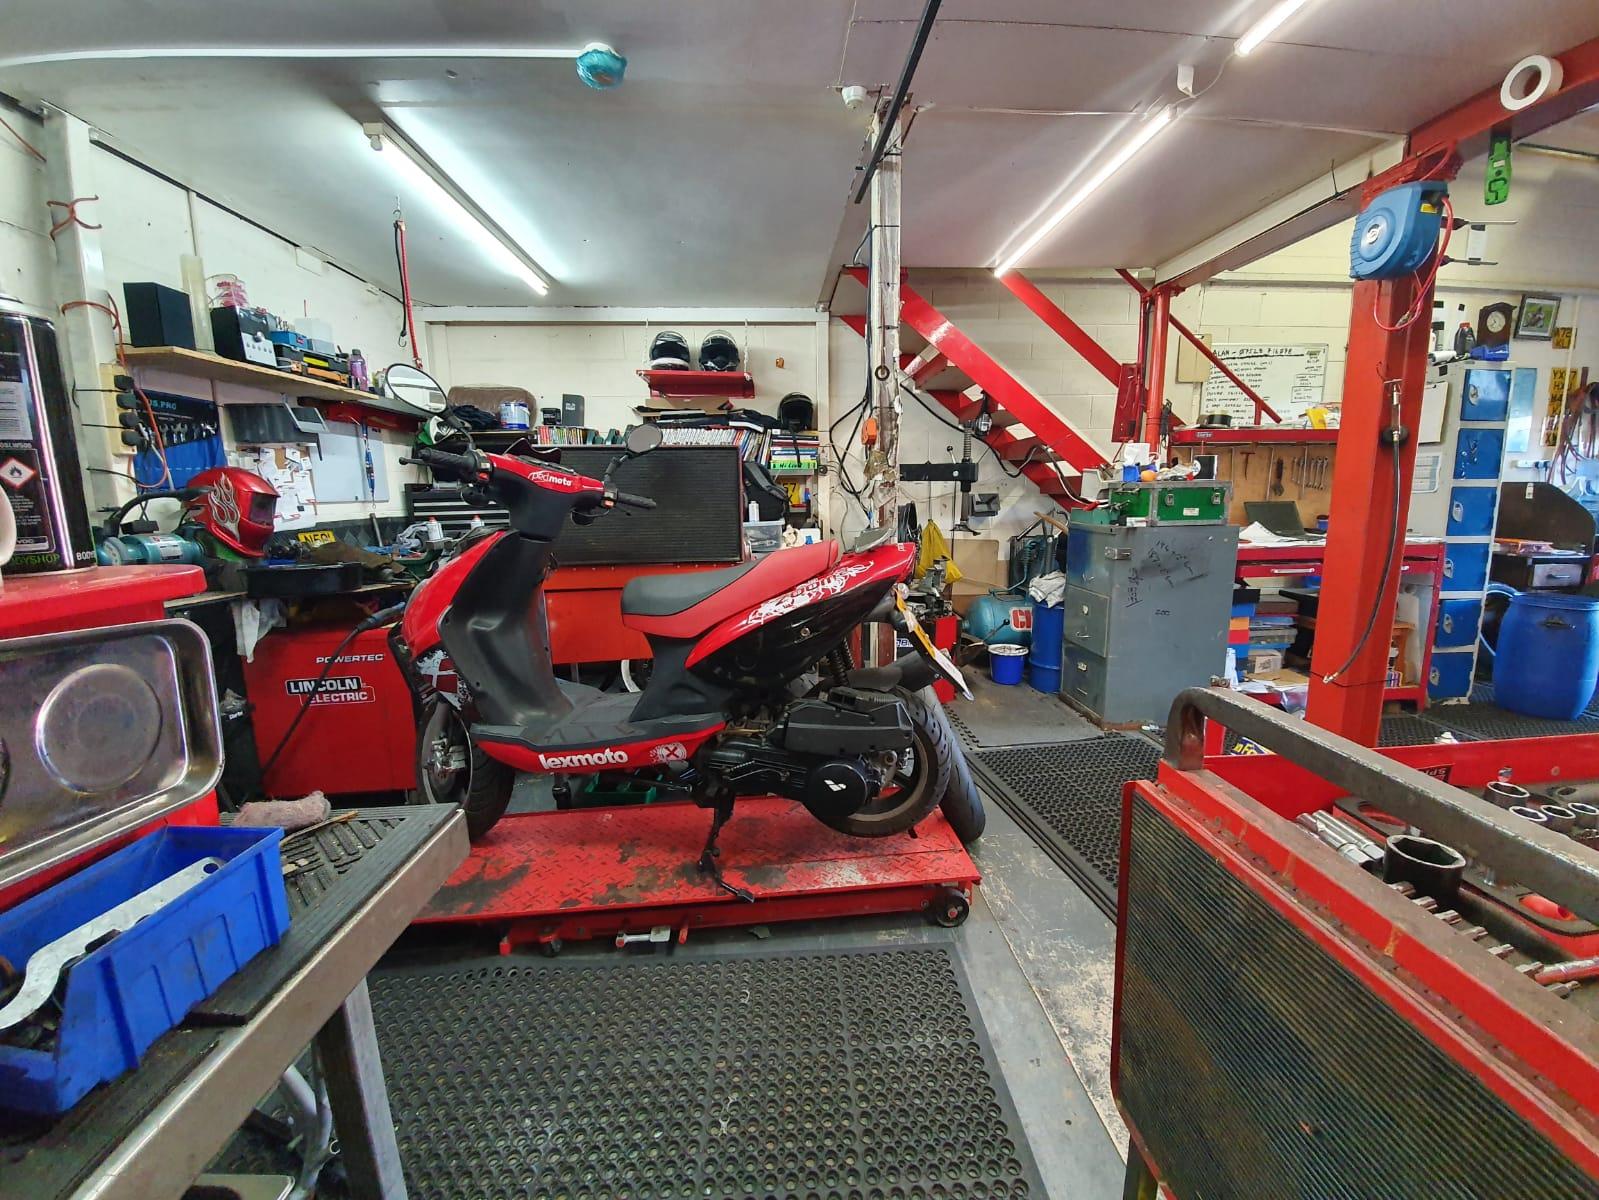 motorbike workshop tools